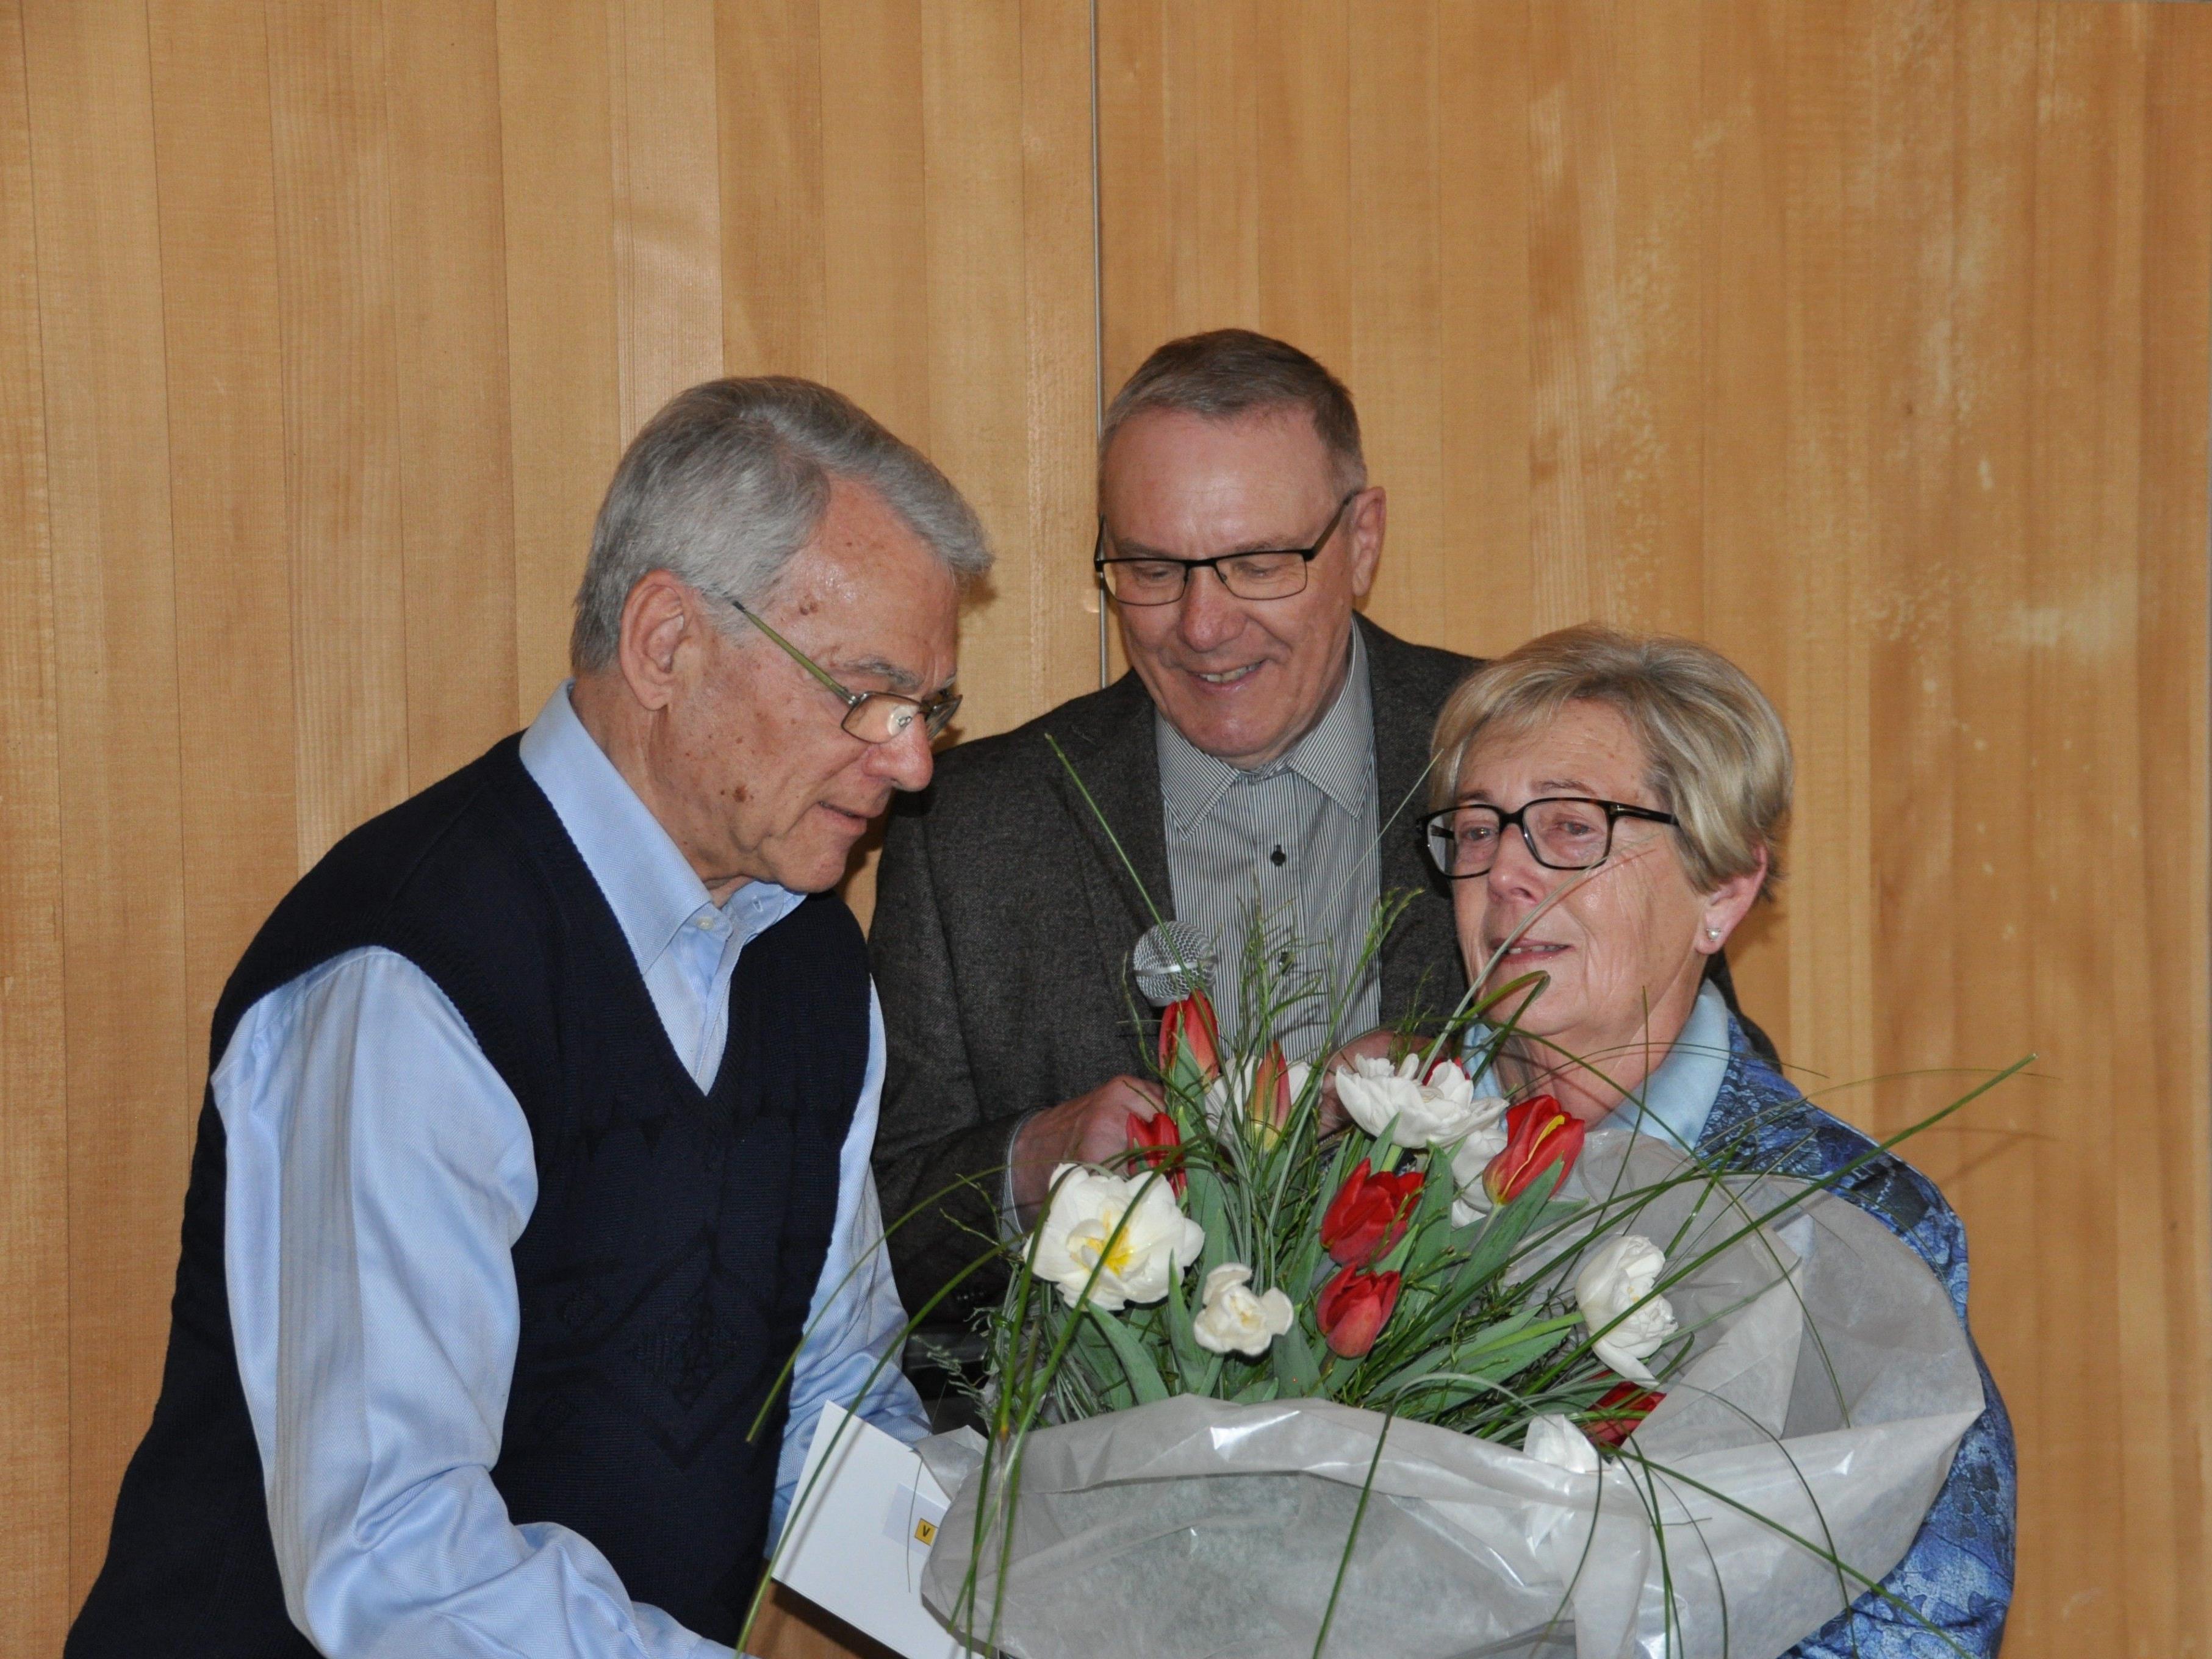 v.l. Meinrad Messner, Obmann Elmar Hepp, Ingrid Jenny